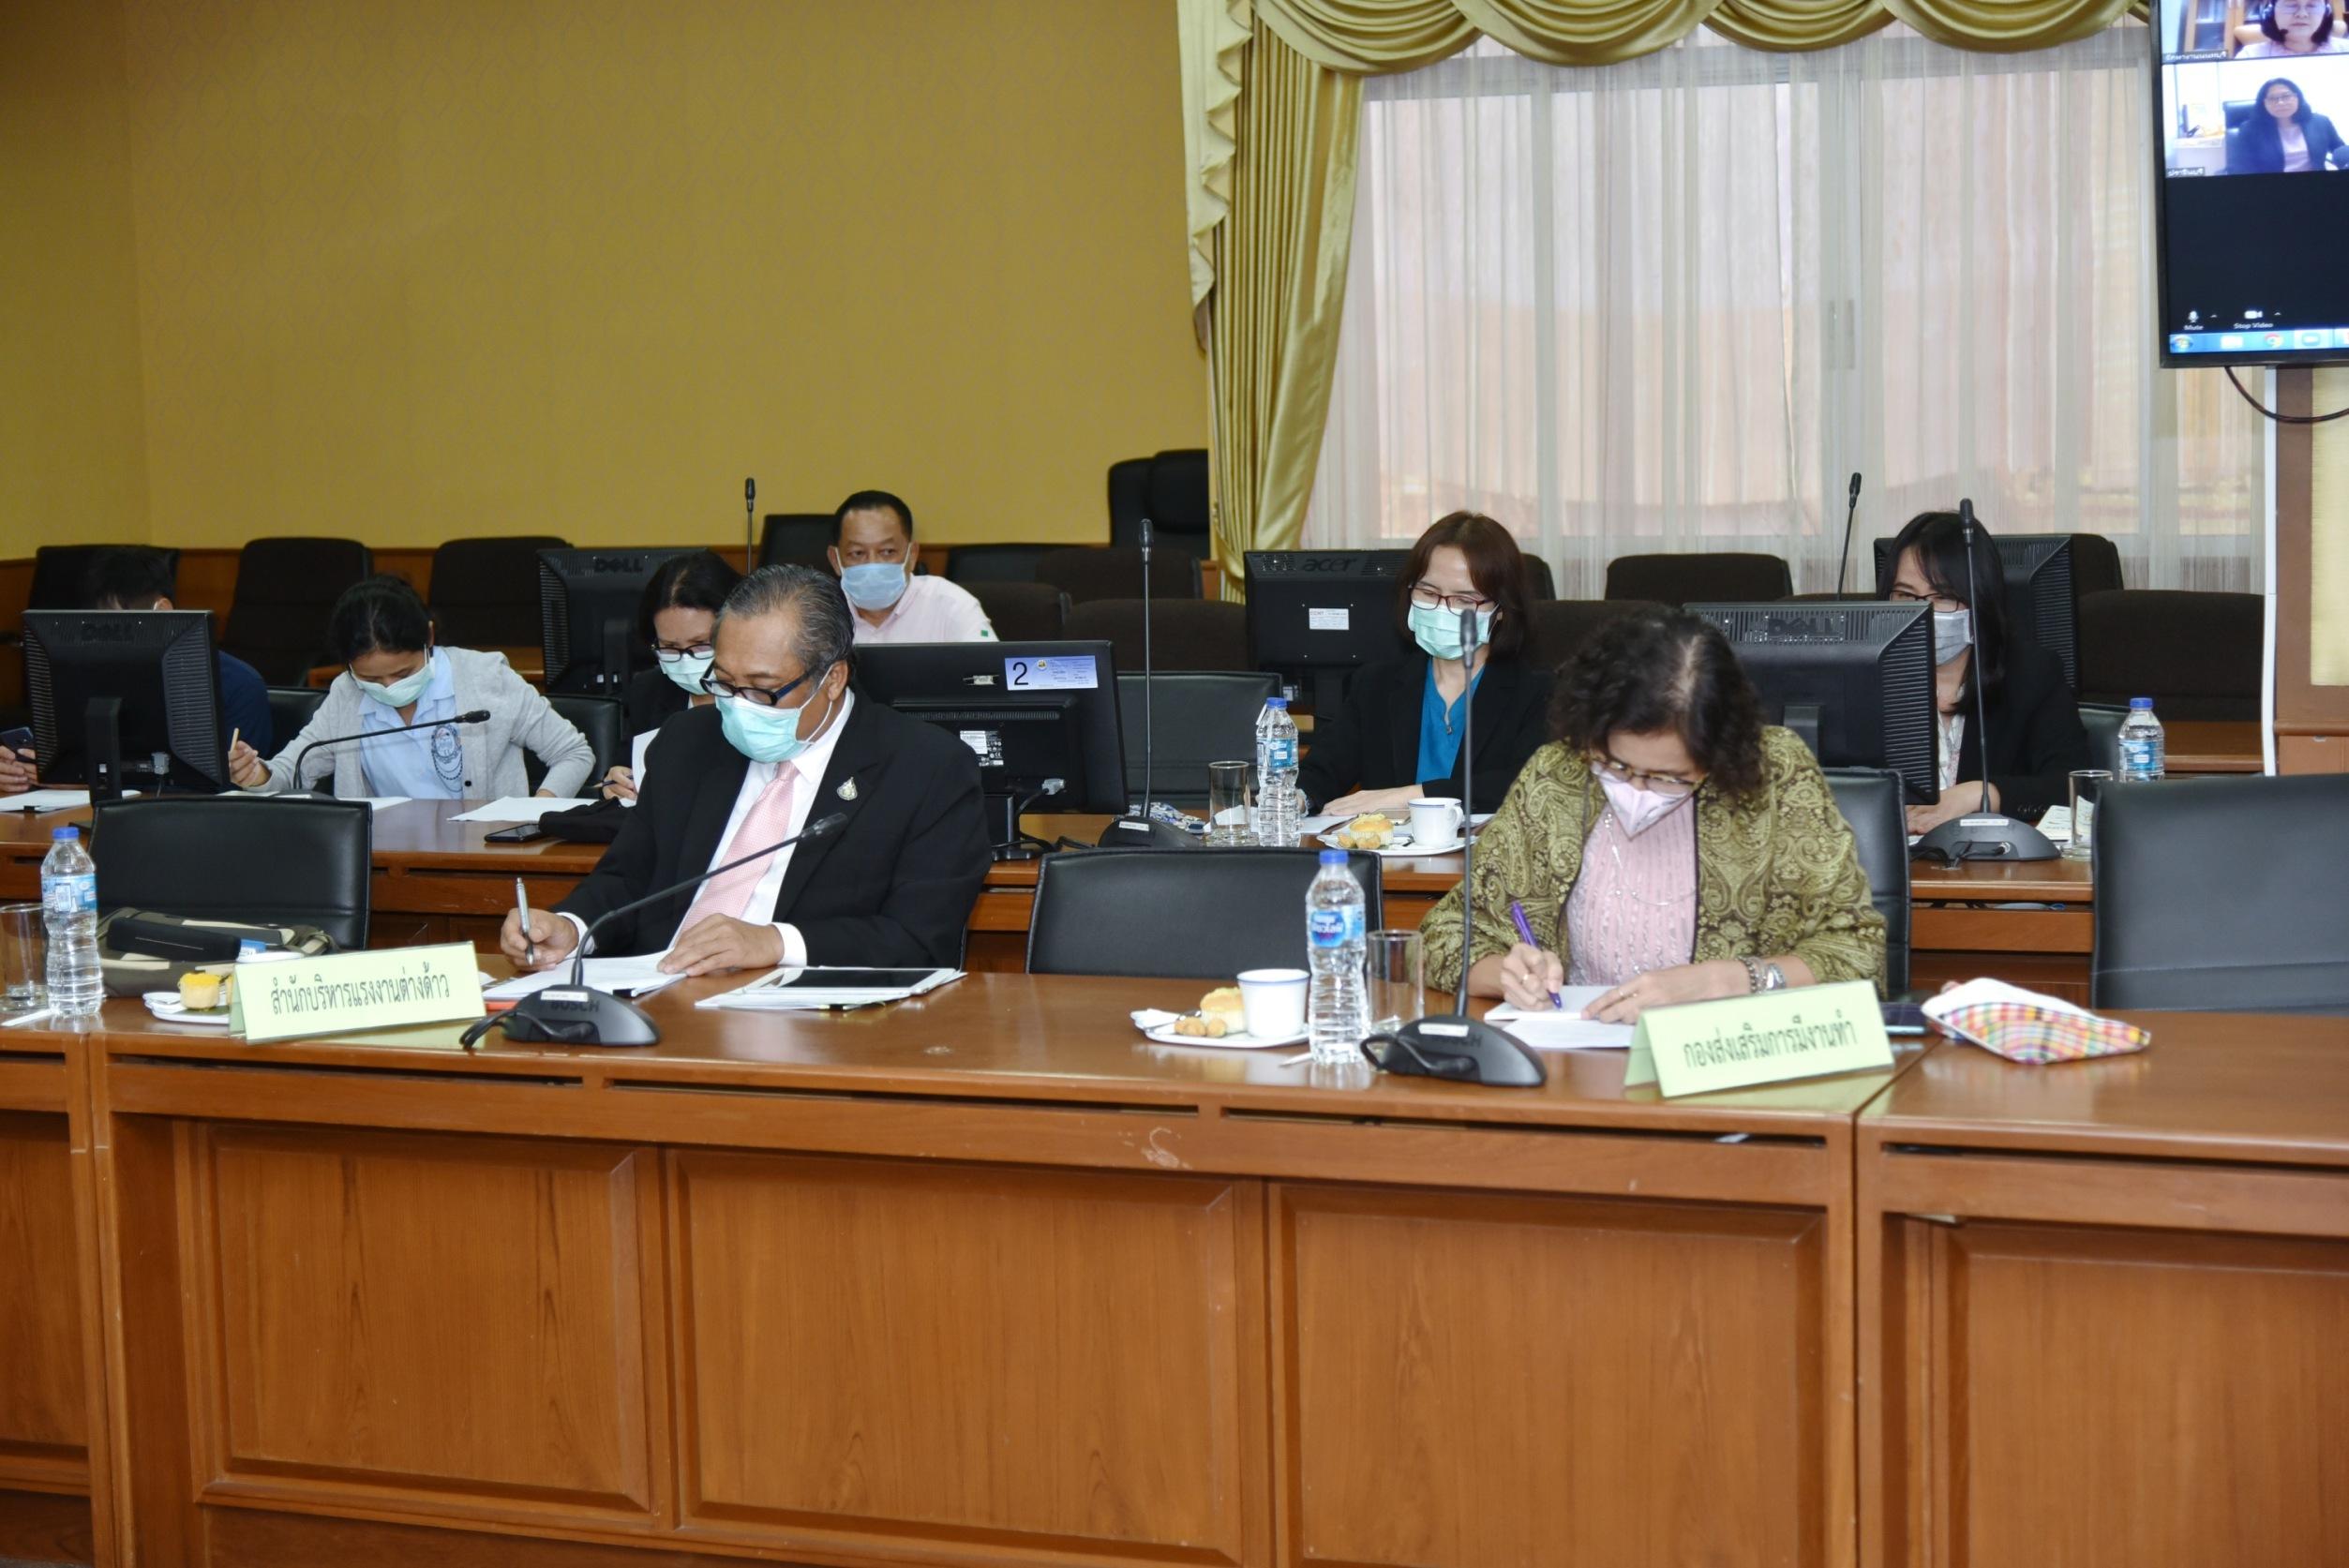 ประชุมคณะกรรมการพัฒนาระบบบริการจัดหางานในประเทศ ผ่านระบบ Video Conference ณ ห้องประชุมเทียน อัชกุล ชั้น 10 กรมการจัดหางาน